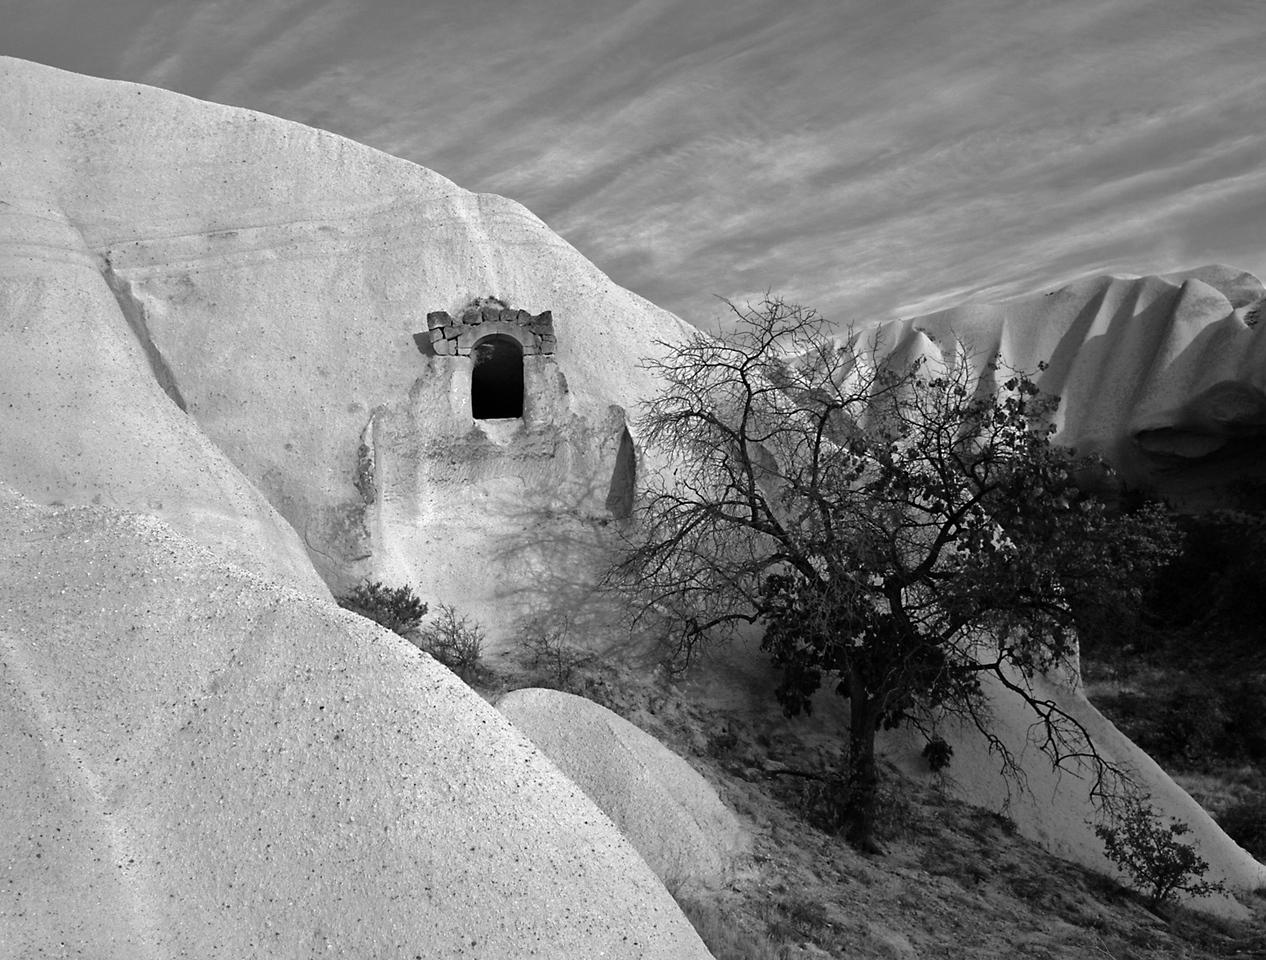 Kiliclari Valley, Capadocia